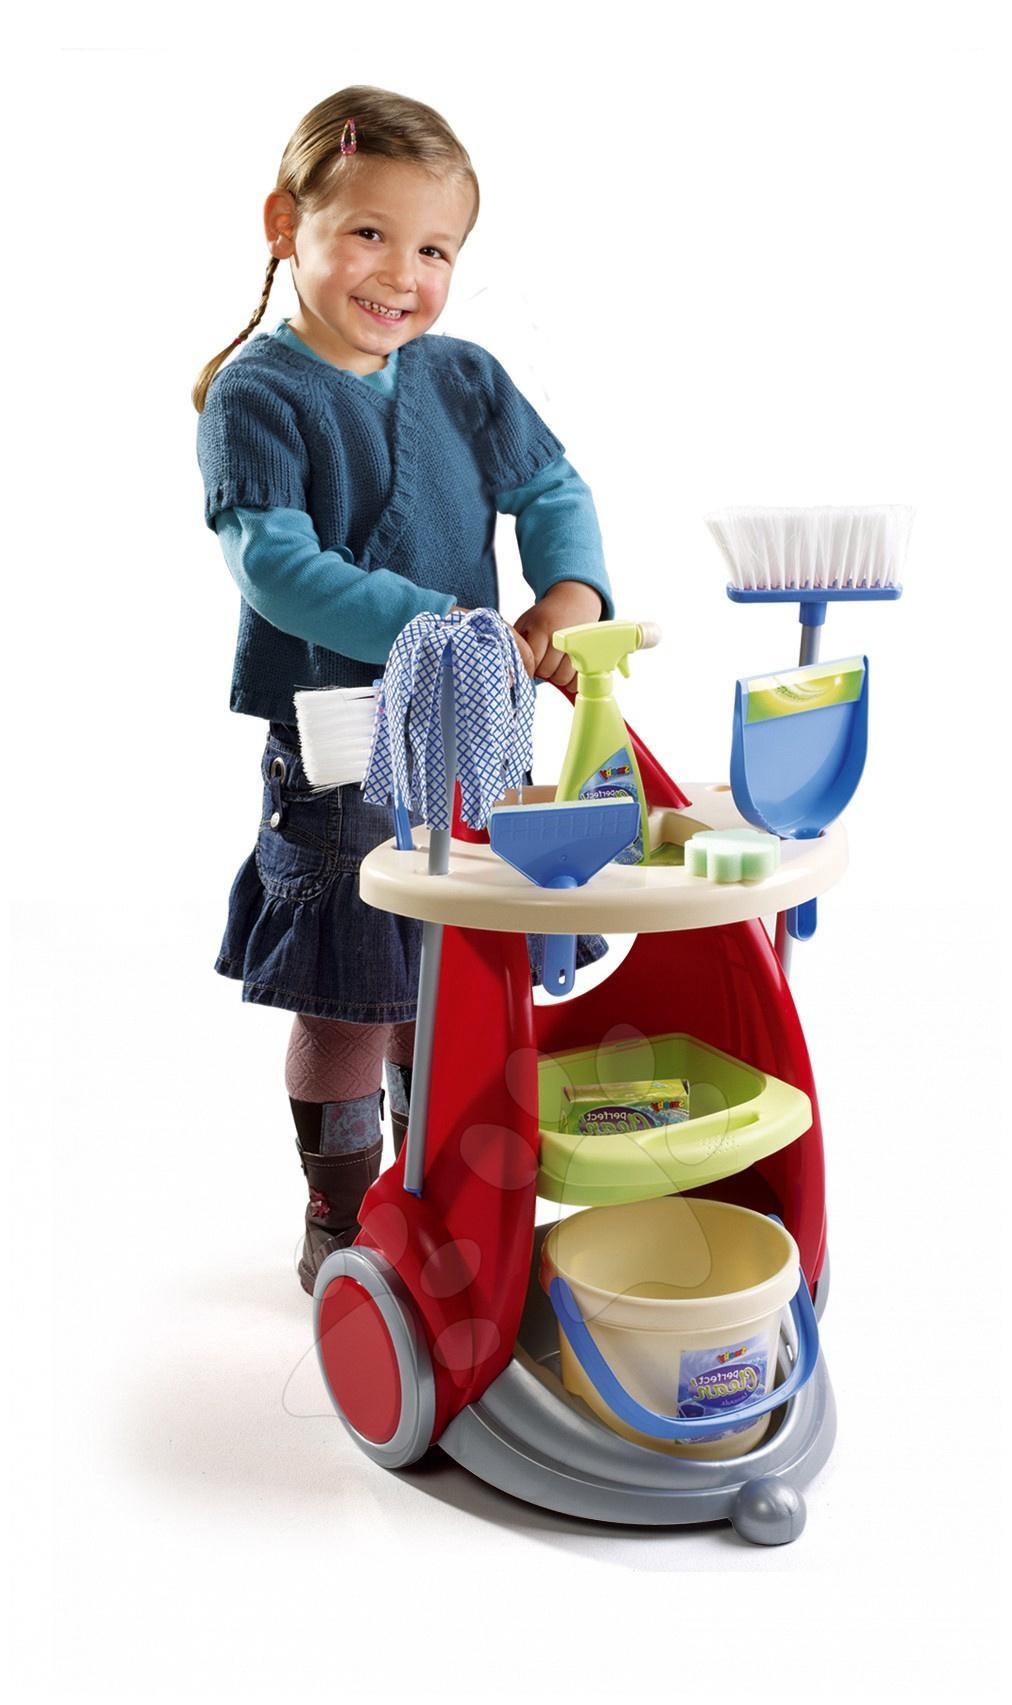 Smoby 24349 CLEAN SERVISE čistilni voziček s 10 timi dodatki, 59*38*39 cm